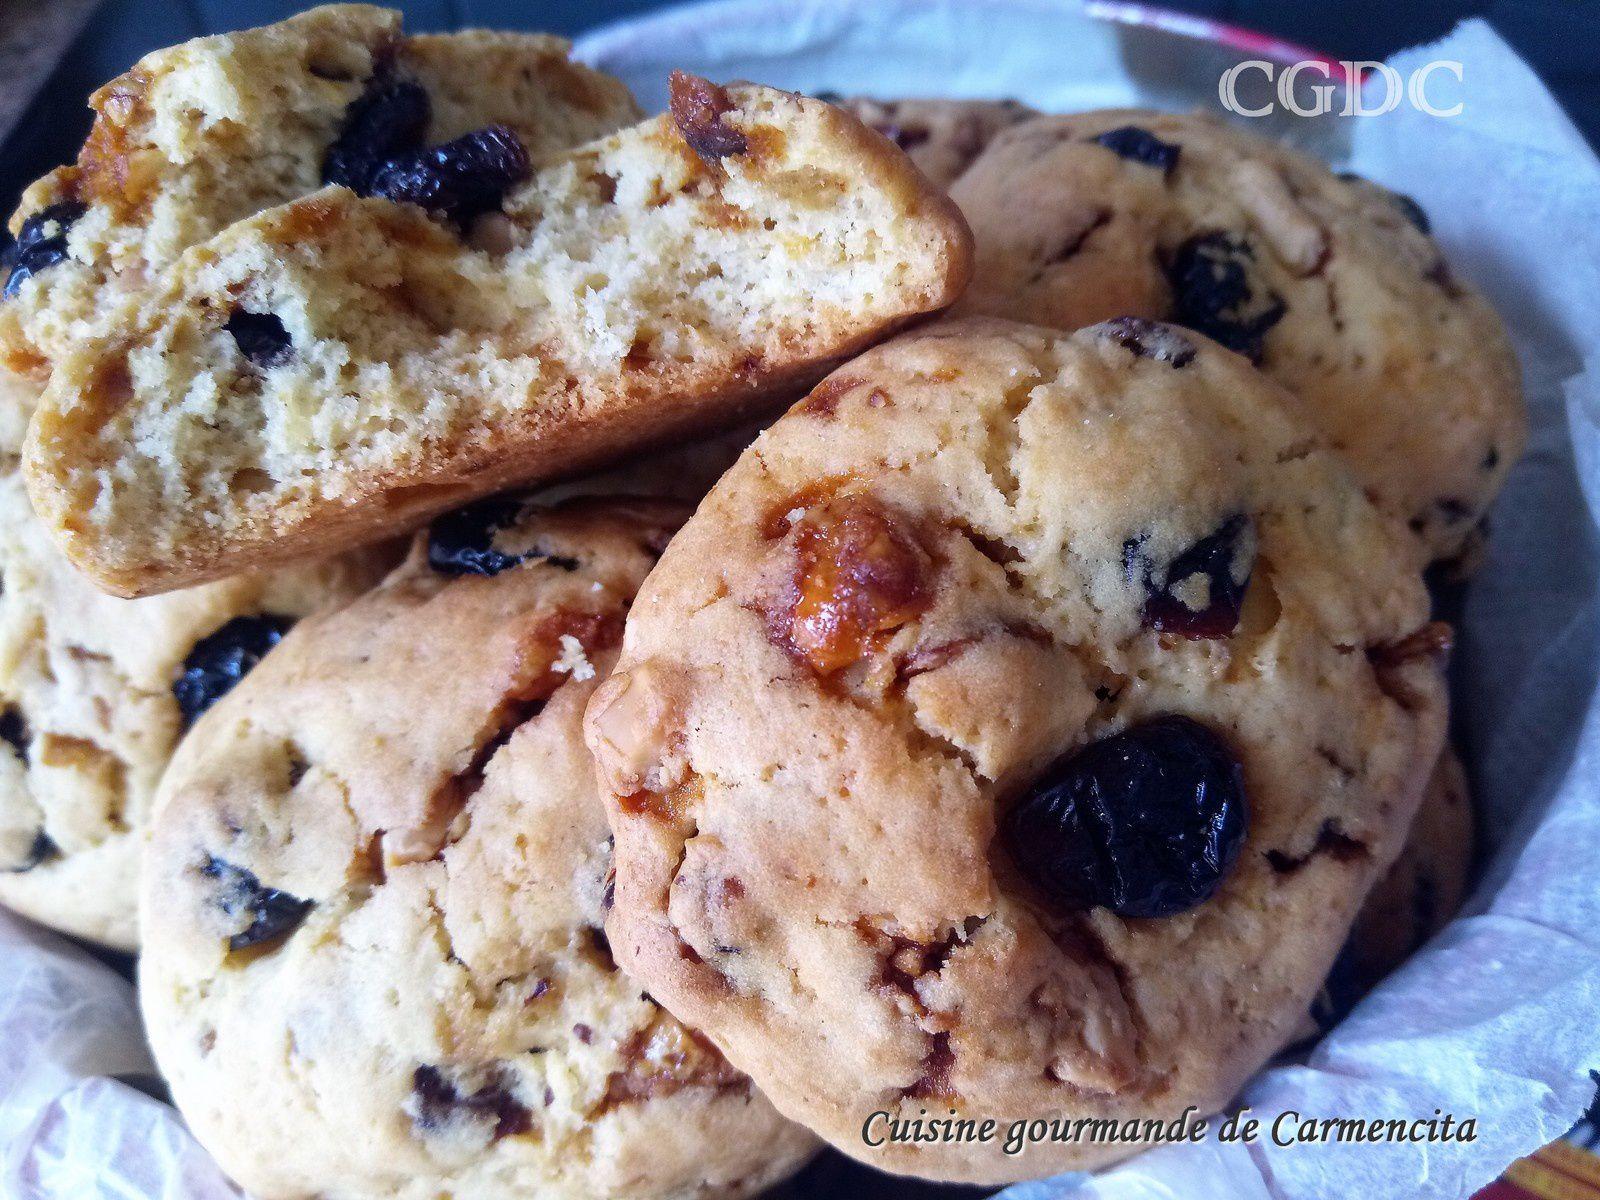 Cookies aux cranberries et noix de cajou caramélisées